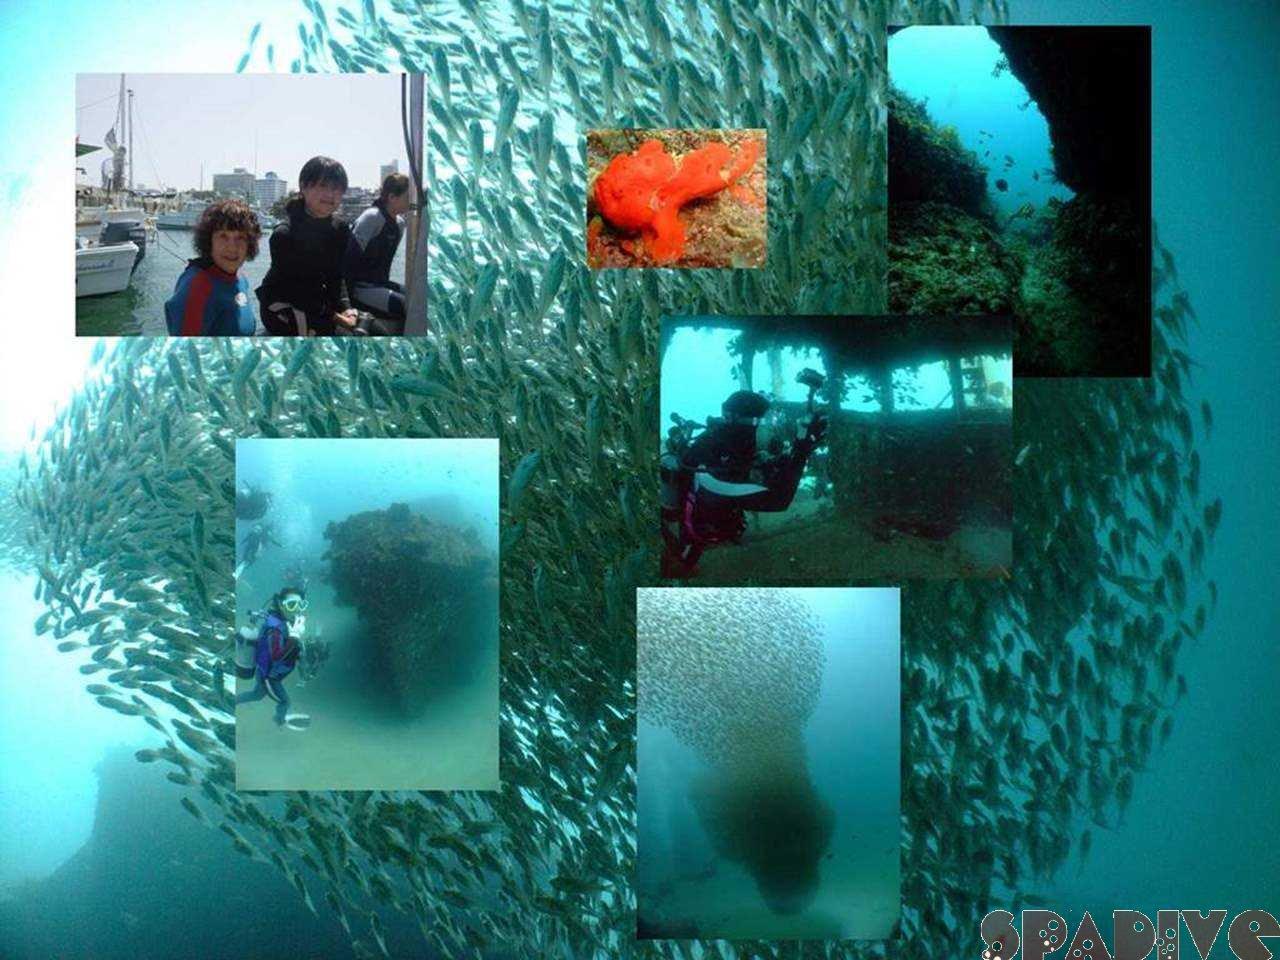 M&沈船ボートファンダイブ 6/7/2009南紀白浜海情報